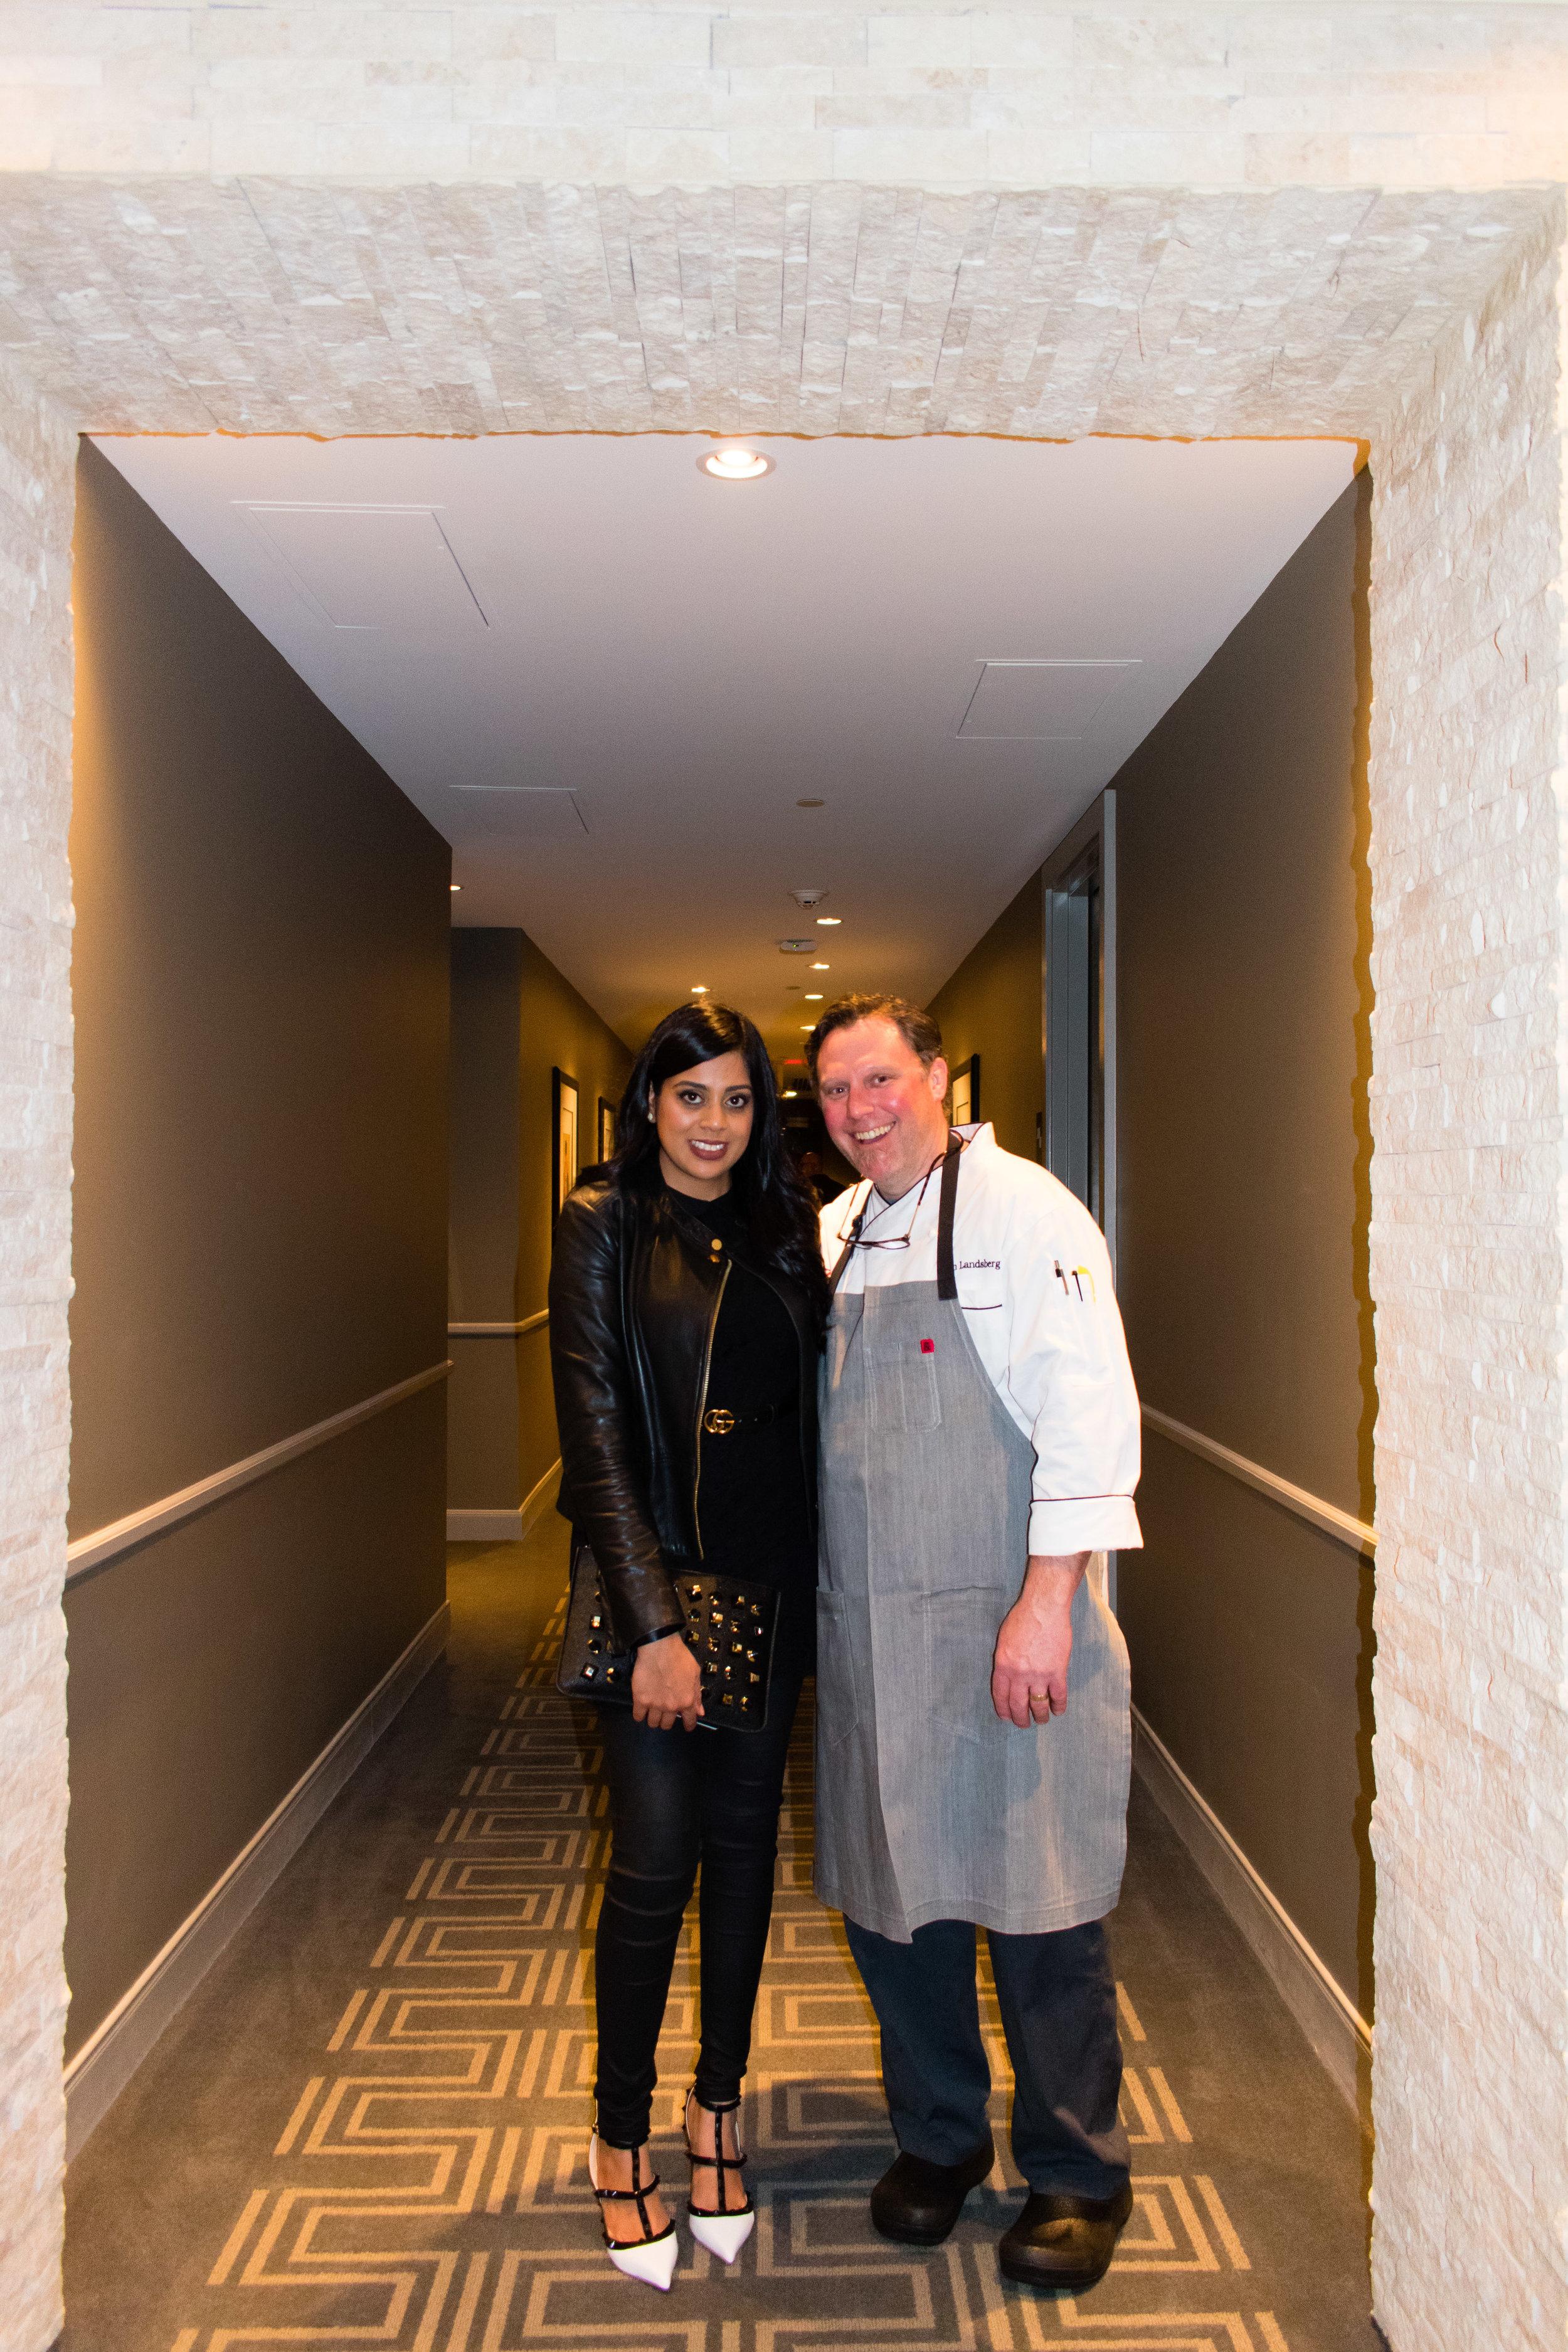 Yasmeen Tadia with Dan Lansburg - Hotel ZAZA Grand Opening